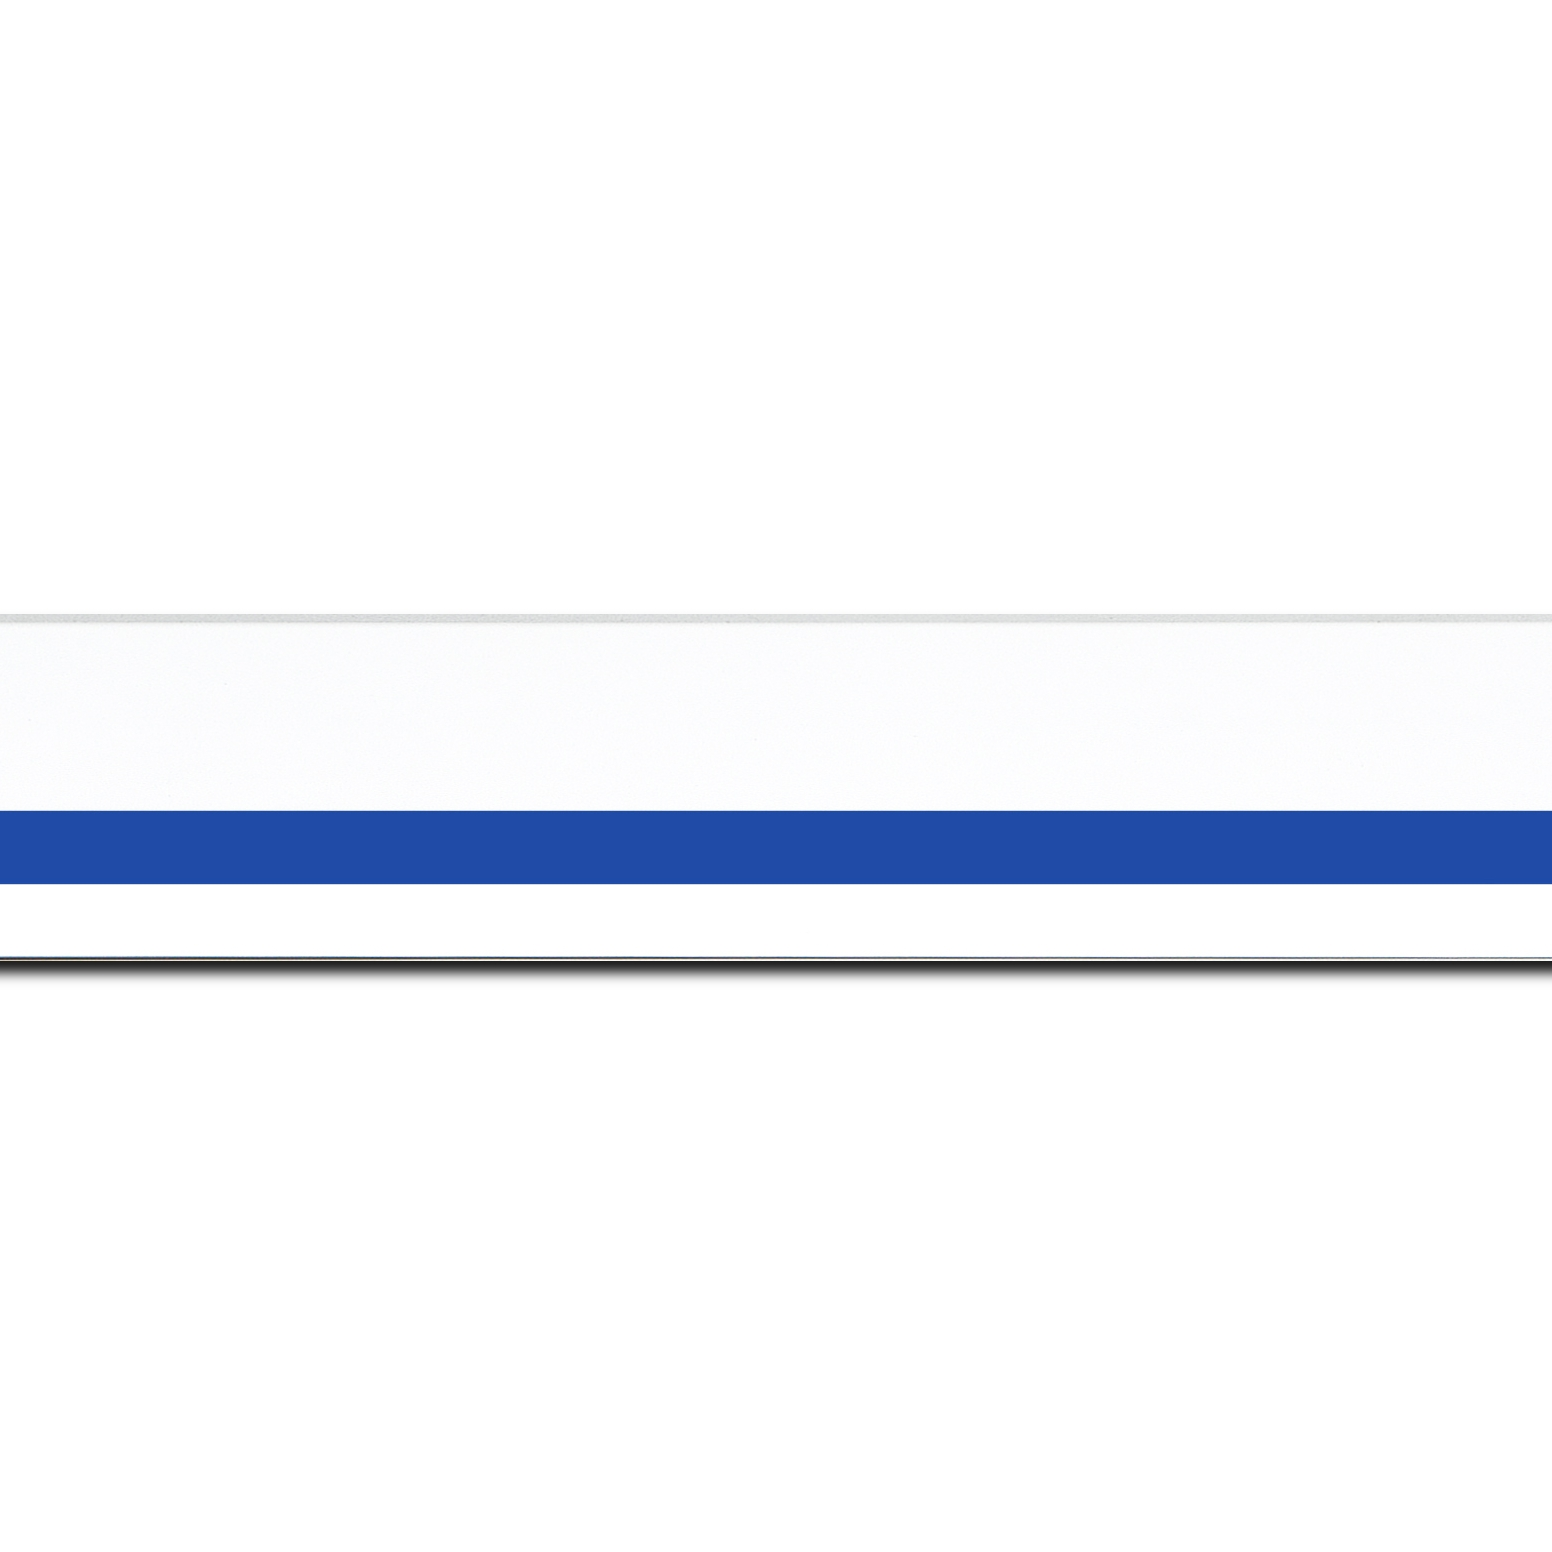 Pack par 12m, bois profil pente largeur 4.5cm de couleur blanc mat filet bleu foncé (longueur baguette pouvant varier entre 2.40m et 3m selon arrivage des bois)